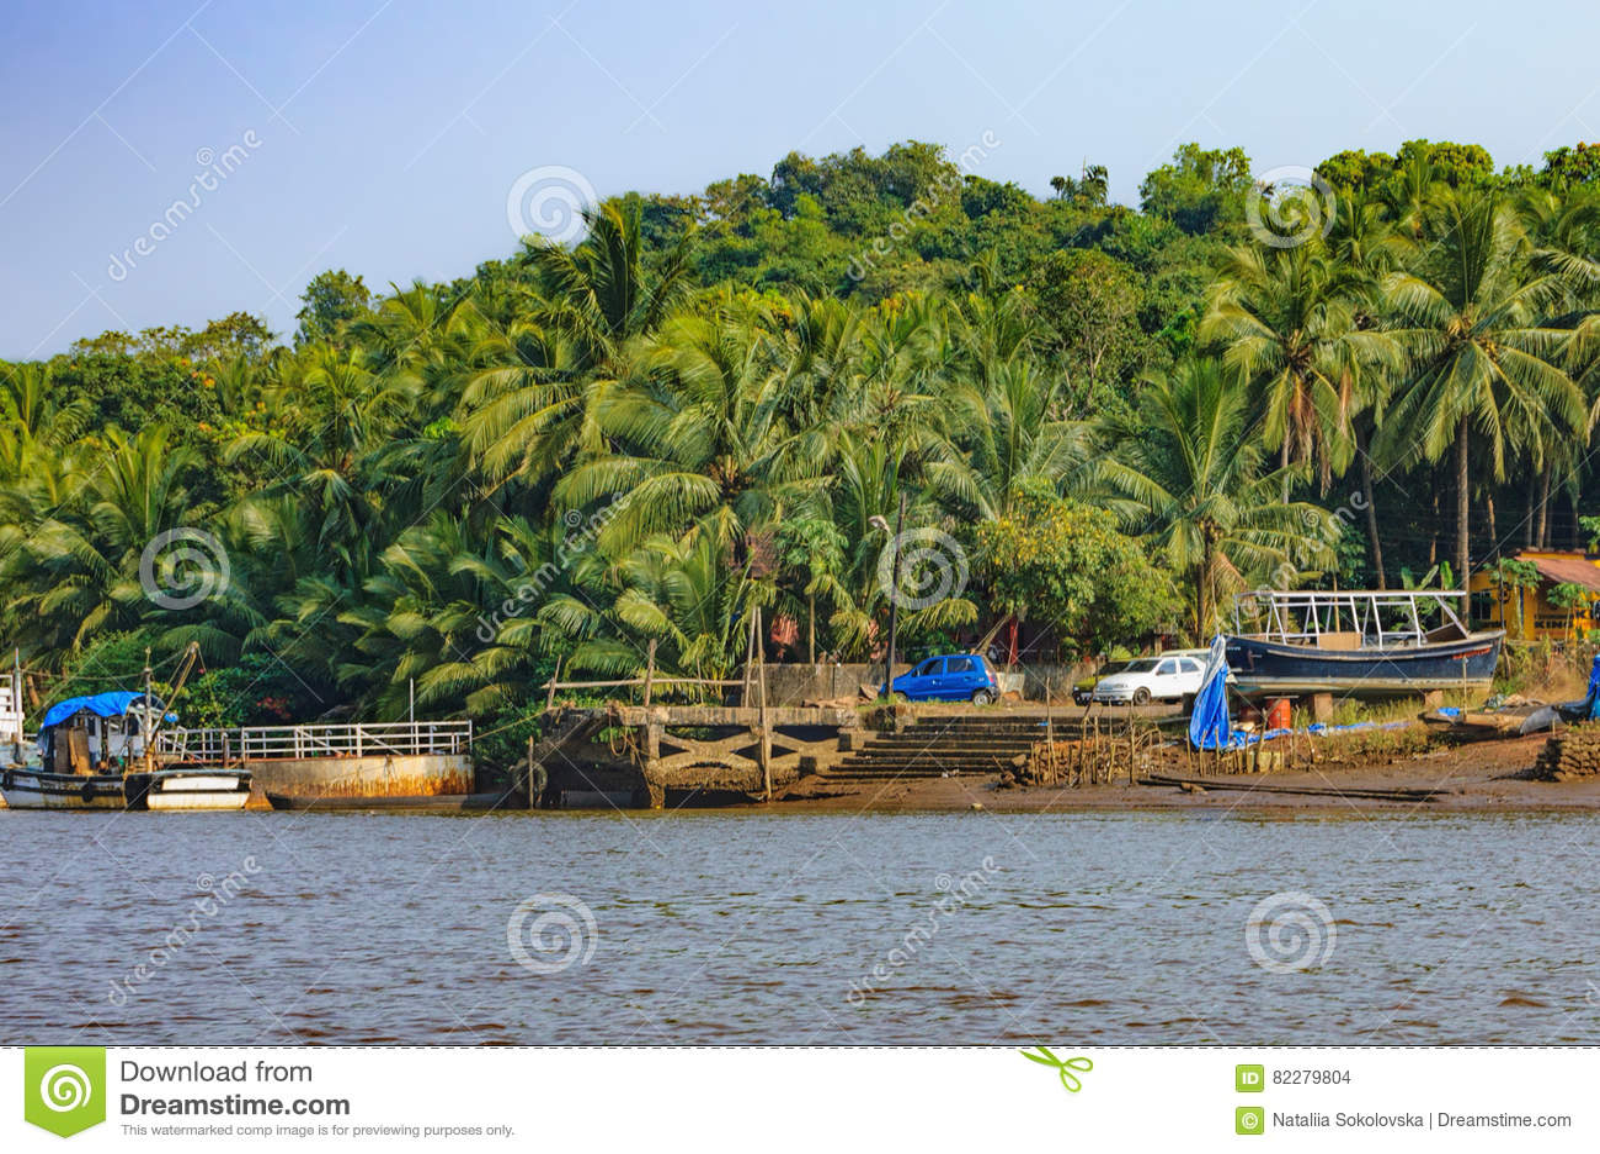 Lebensstil In Chorao-Insel, Goa, Indien Altes Boot Für Transport In ...